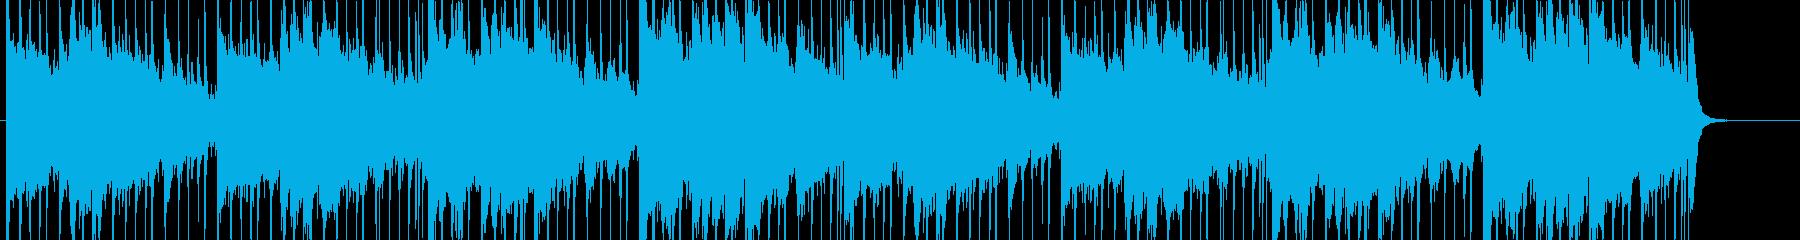 怪しい、疑い、推理、追跡、BGMの再生済みの波形